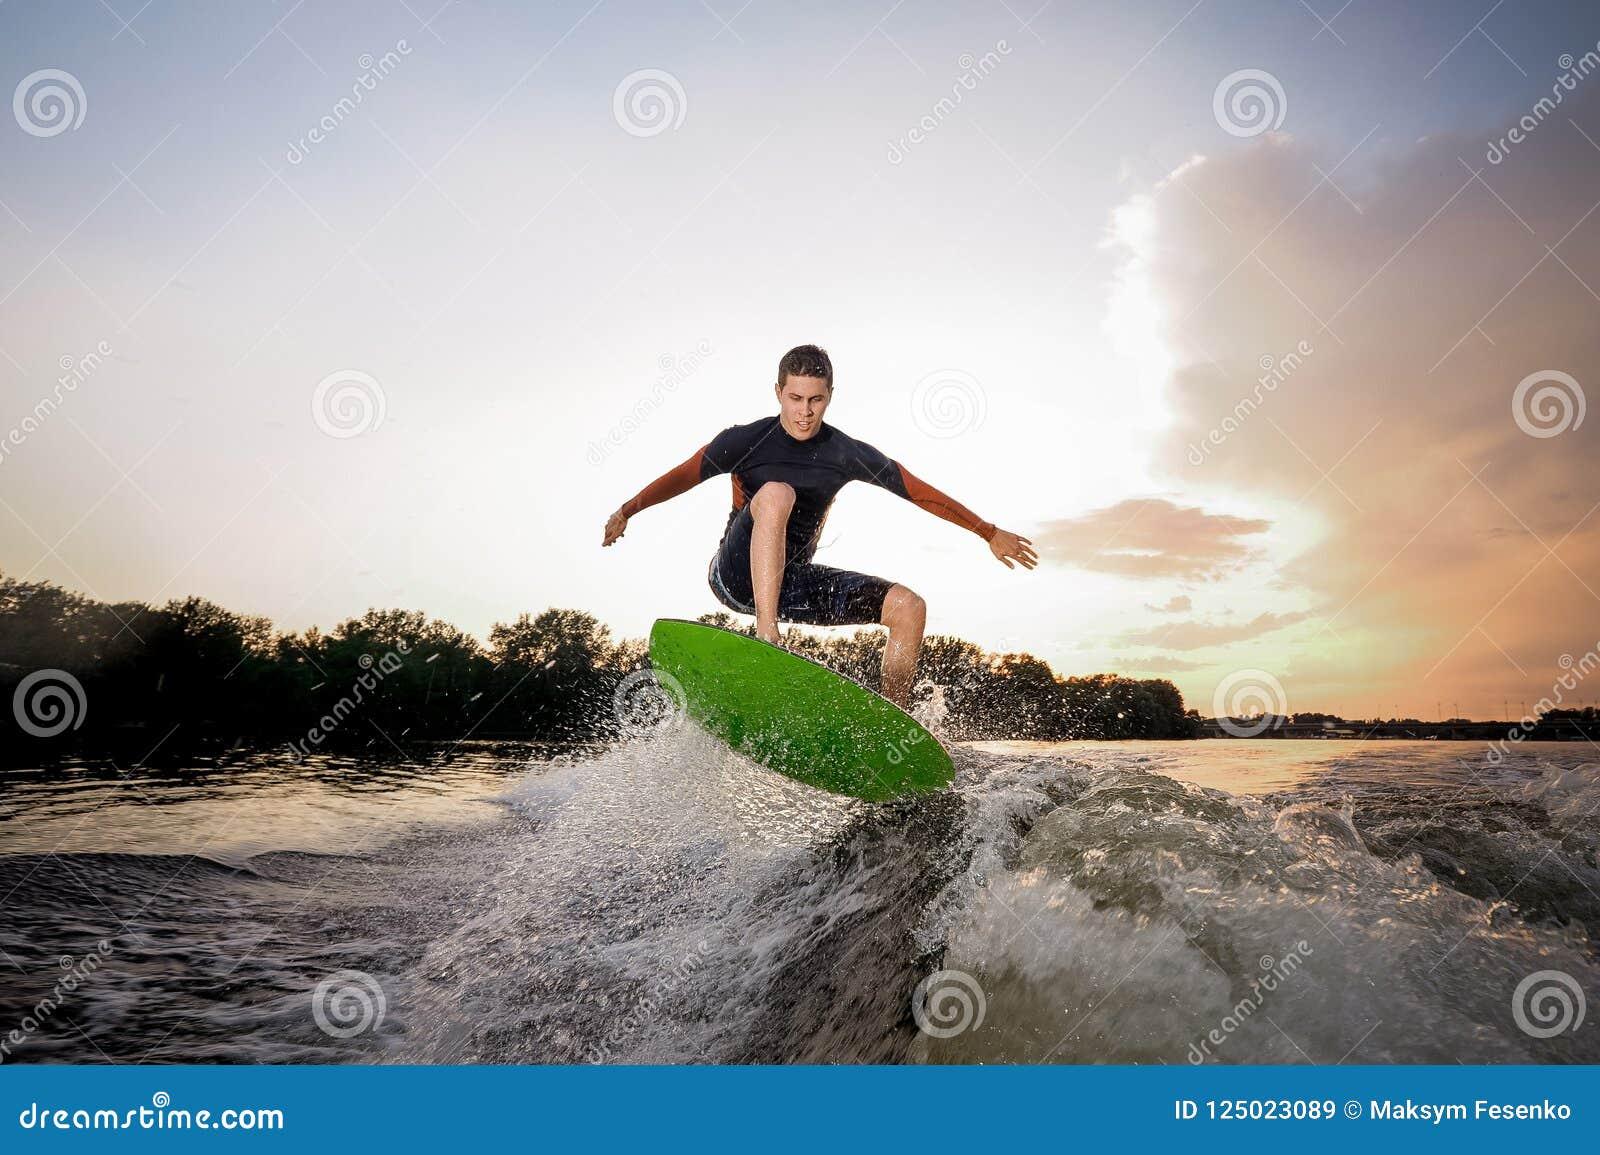 Junger attraktiver Mann, der einen Sprung auf dem grünen wakeboard macht